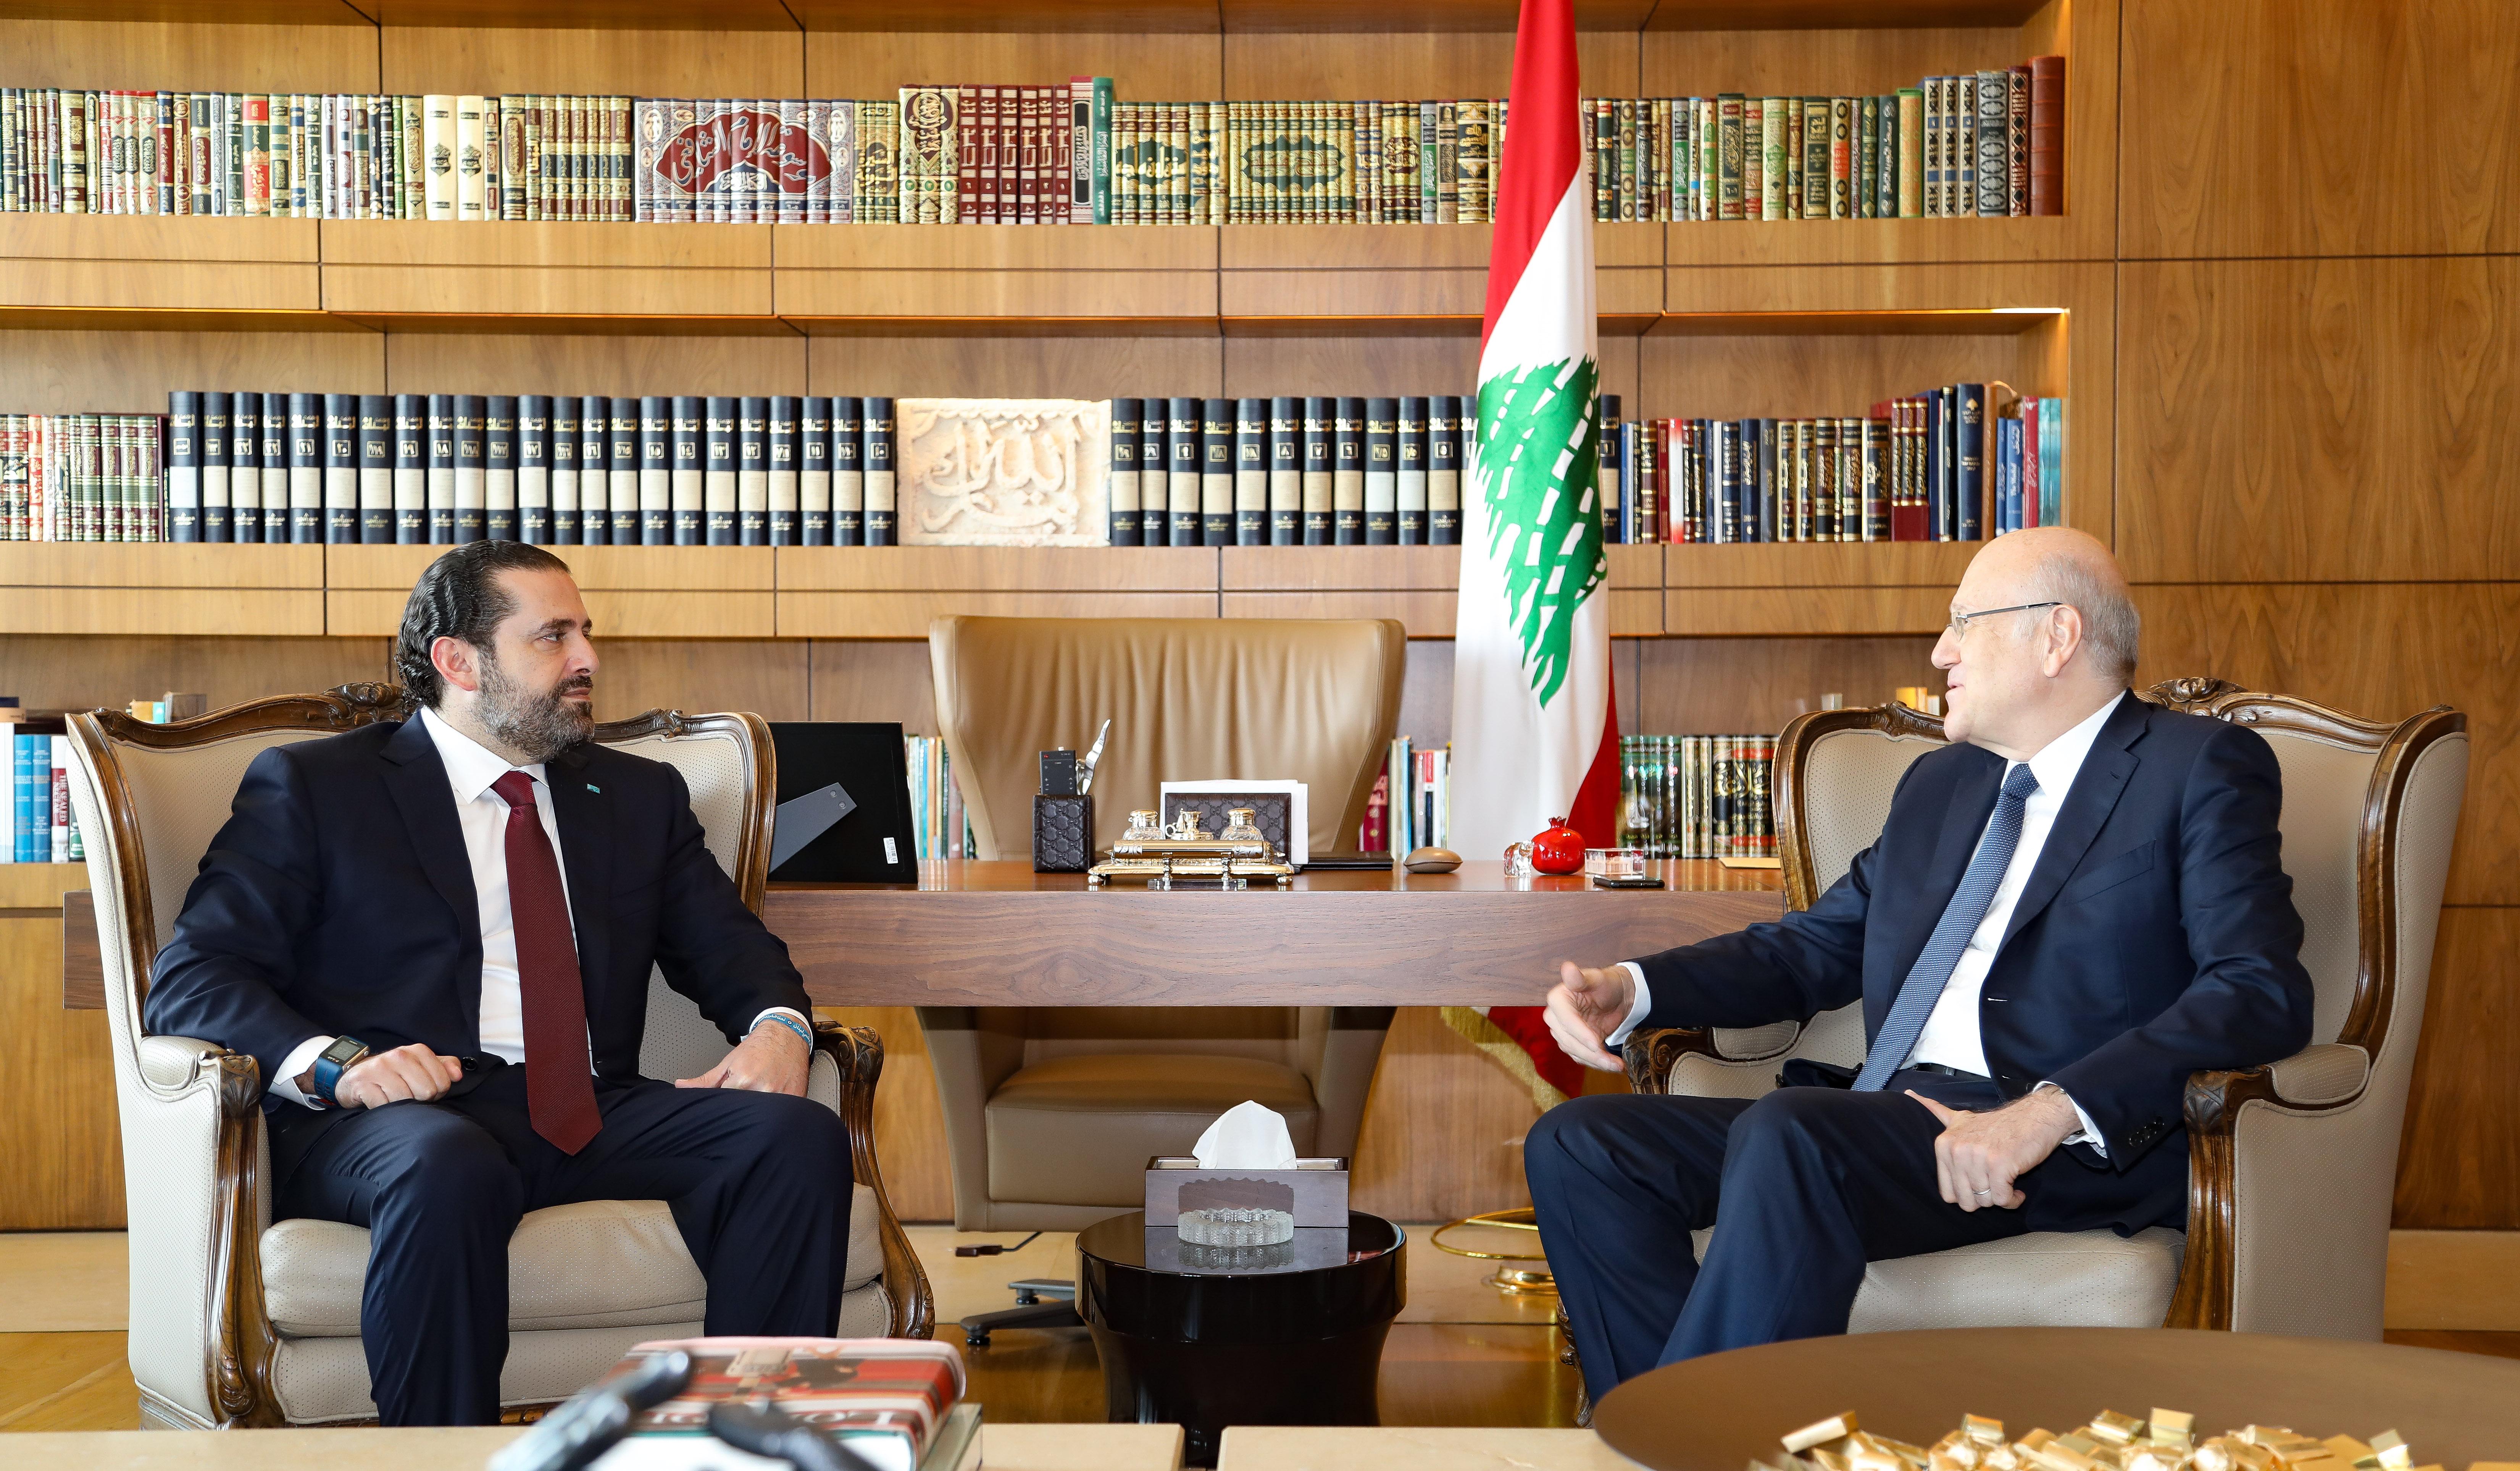 Pr Minister Najib Mikati meets Pr Minister Hariri